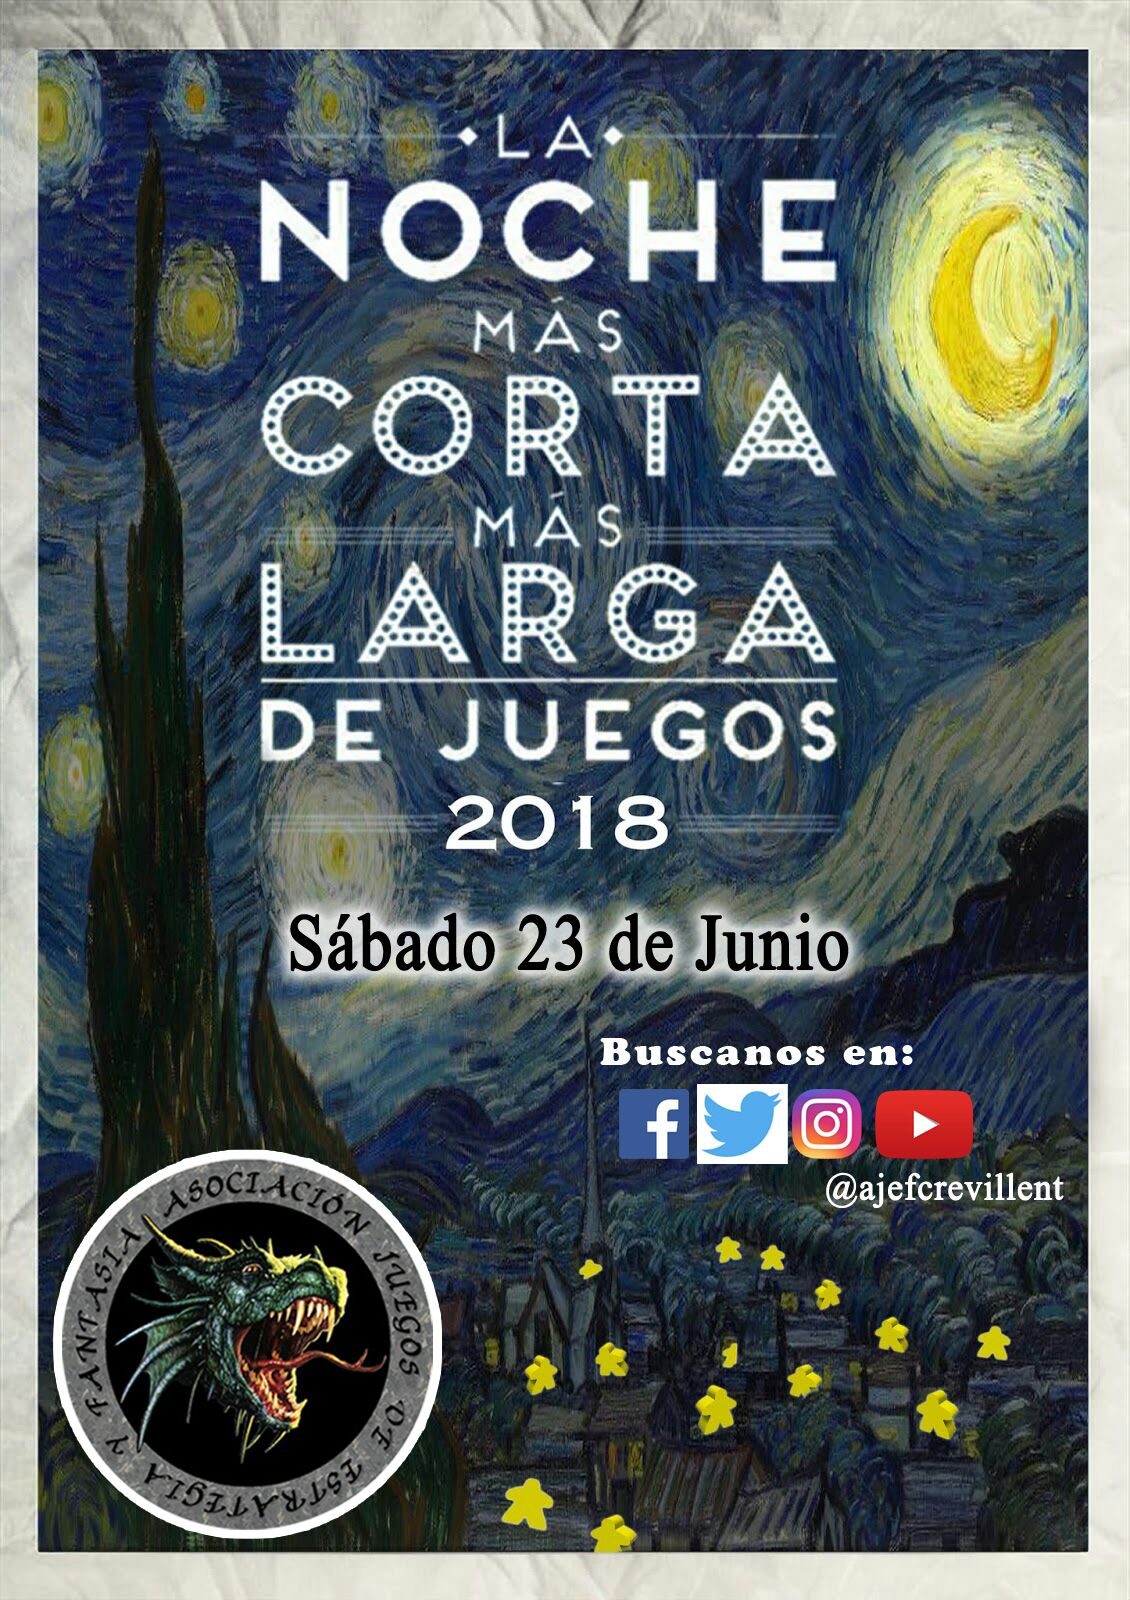 La Noche mas Corta mas Larga de Juegos de Mesa 2018. Sábado 23 de Junio Img-2012